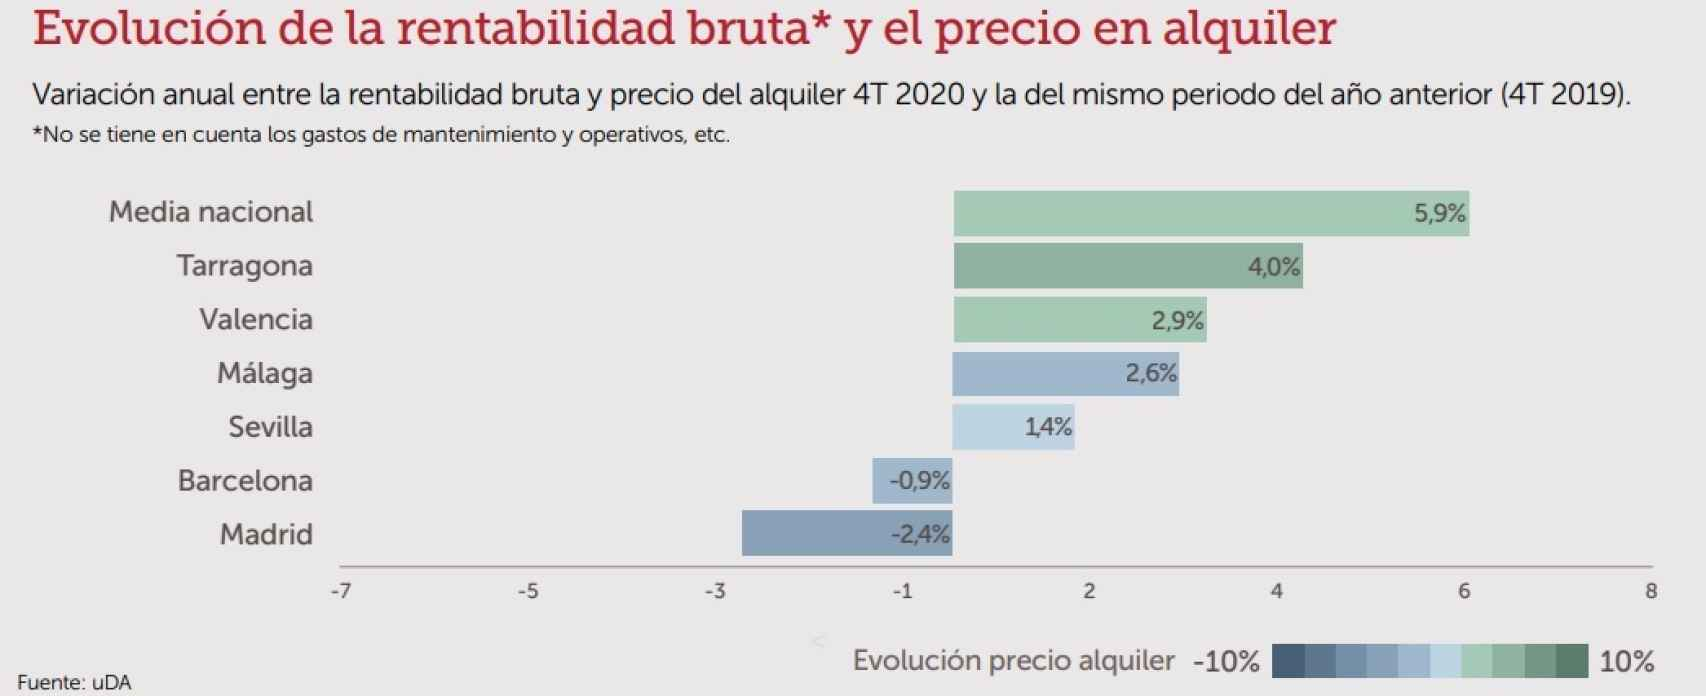 Evolución de la rentabilidad bruta y precio en el alquiler.